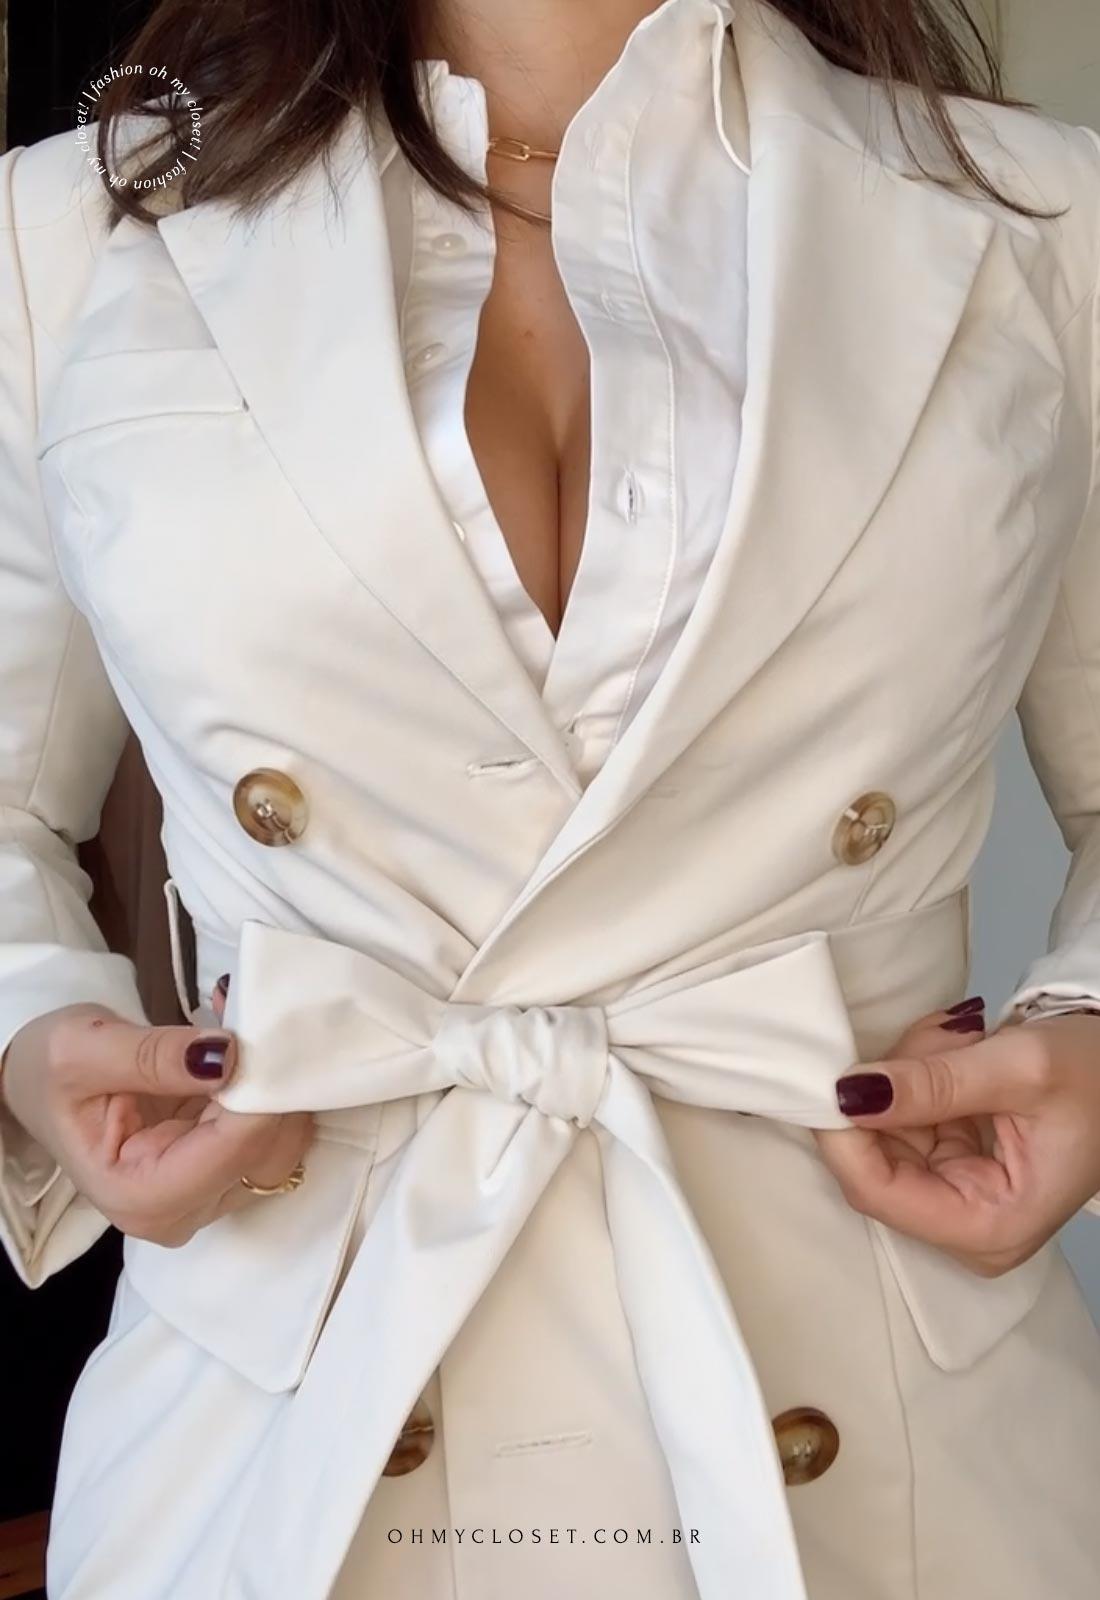 Acabamentos e detalhes do casaco bege da SHEIN MOTF.